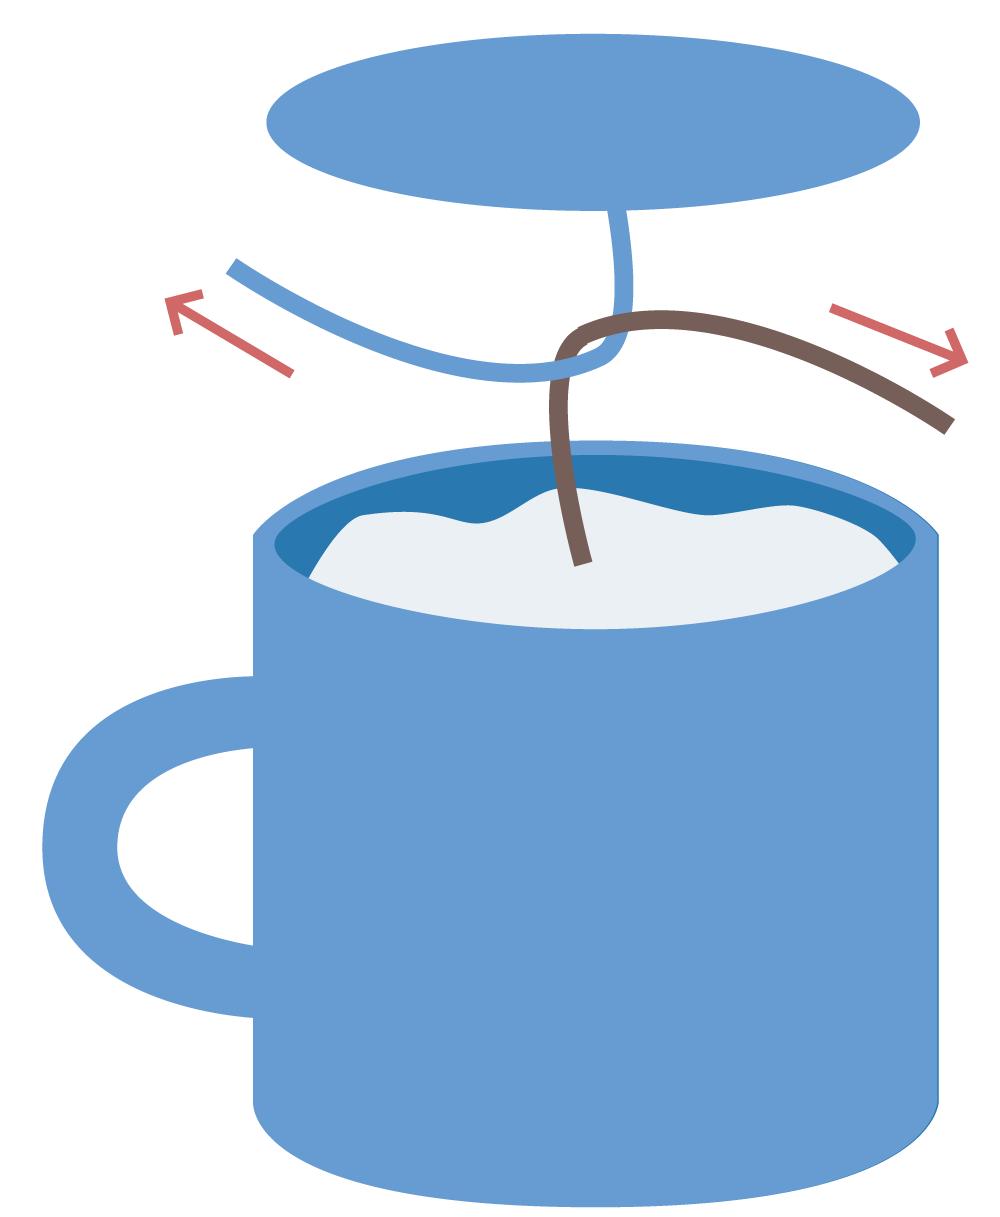 tiny-amigurumi-cup-pattern-06-petits-pixels